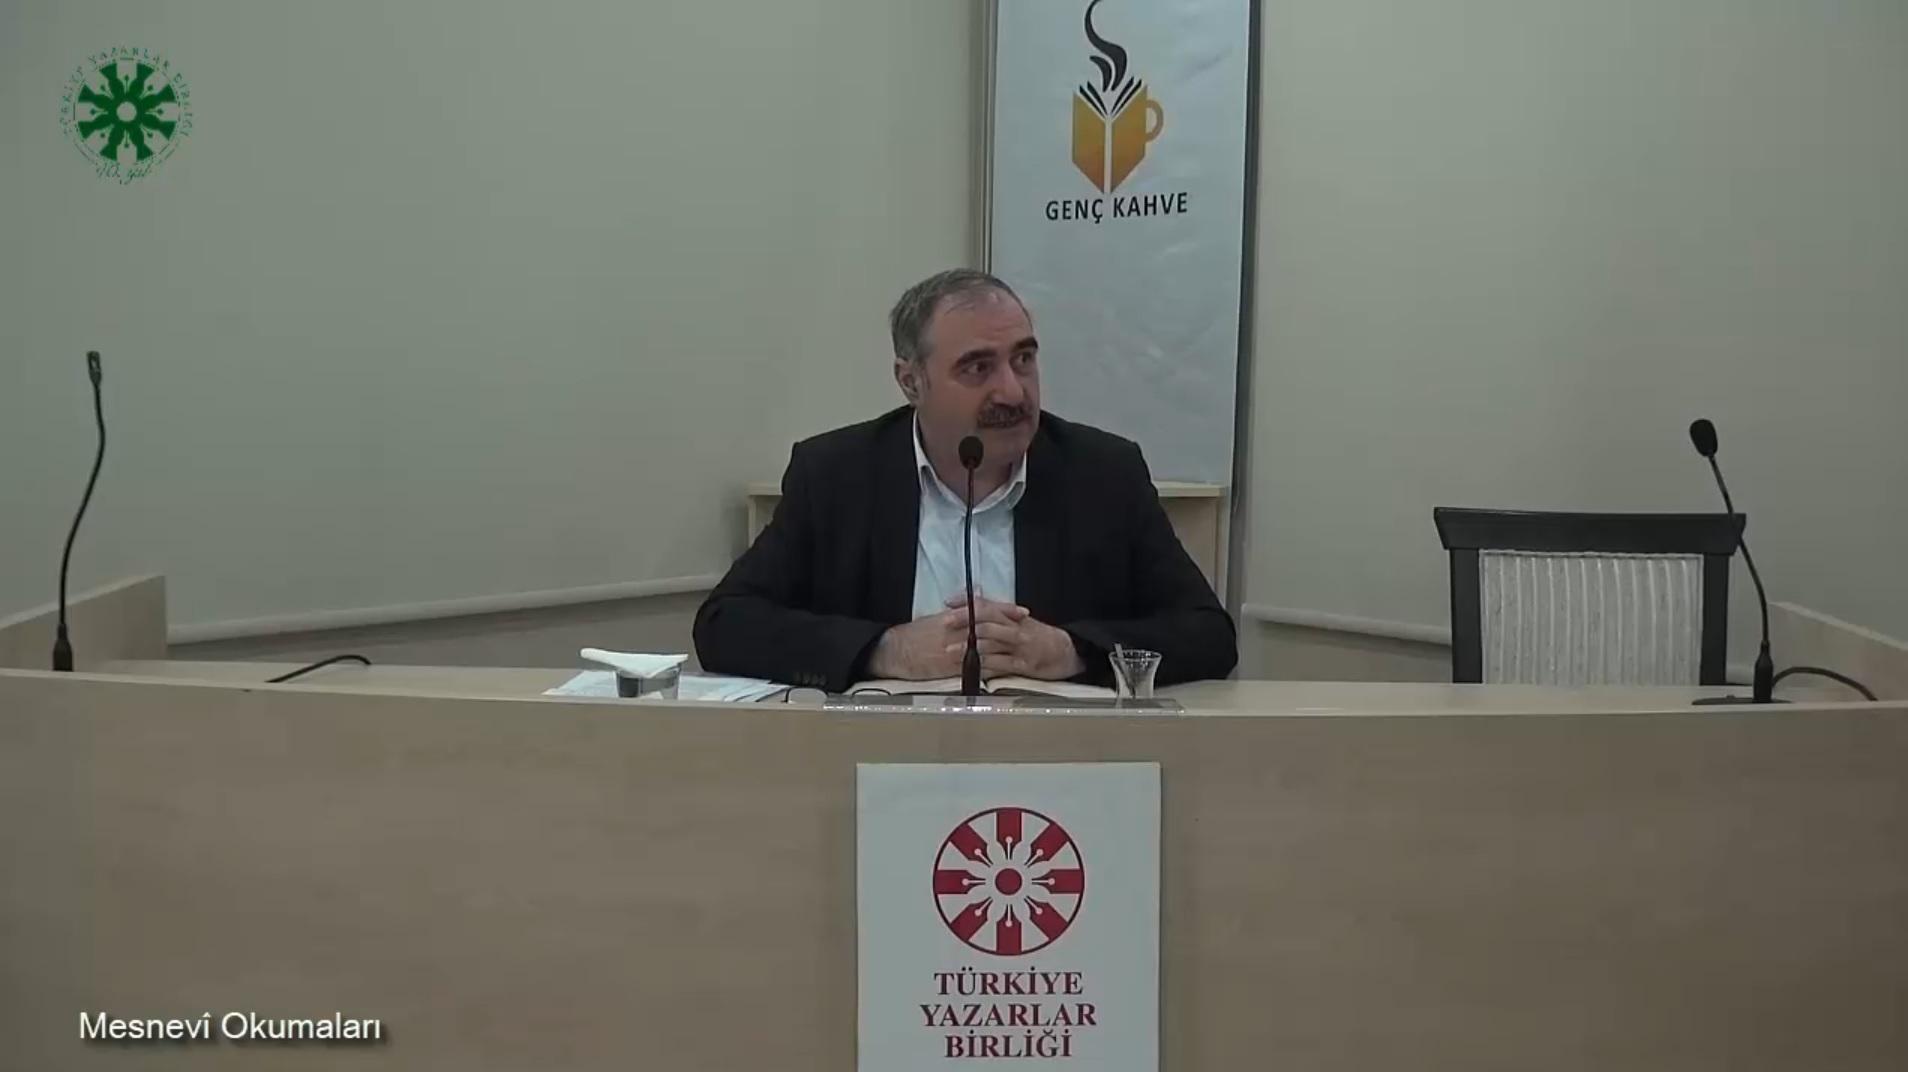 Mesnevî Okumaları - 18 - Dr. Yakup Şafak (video)